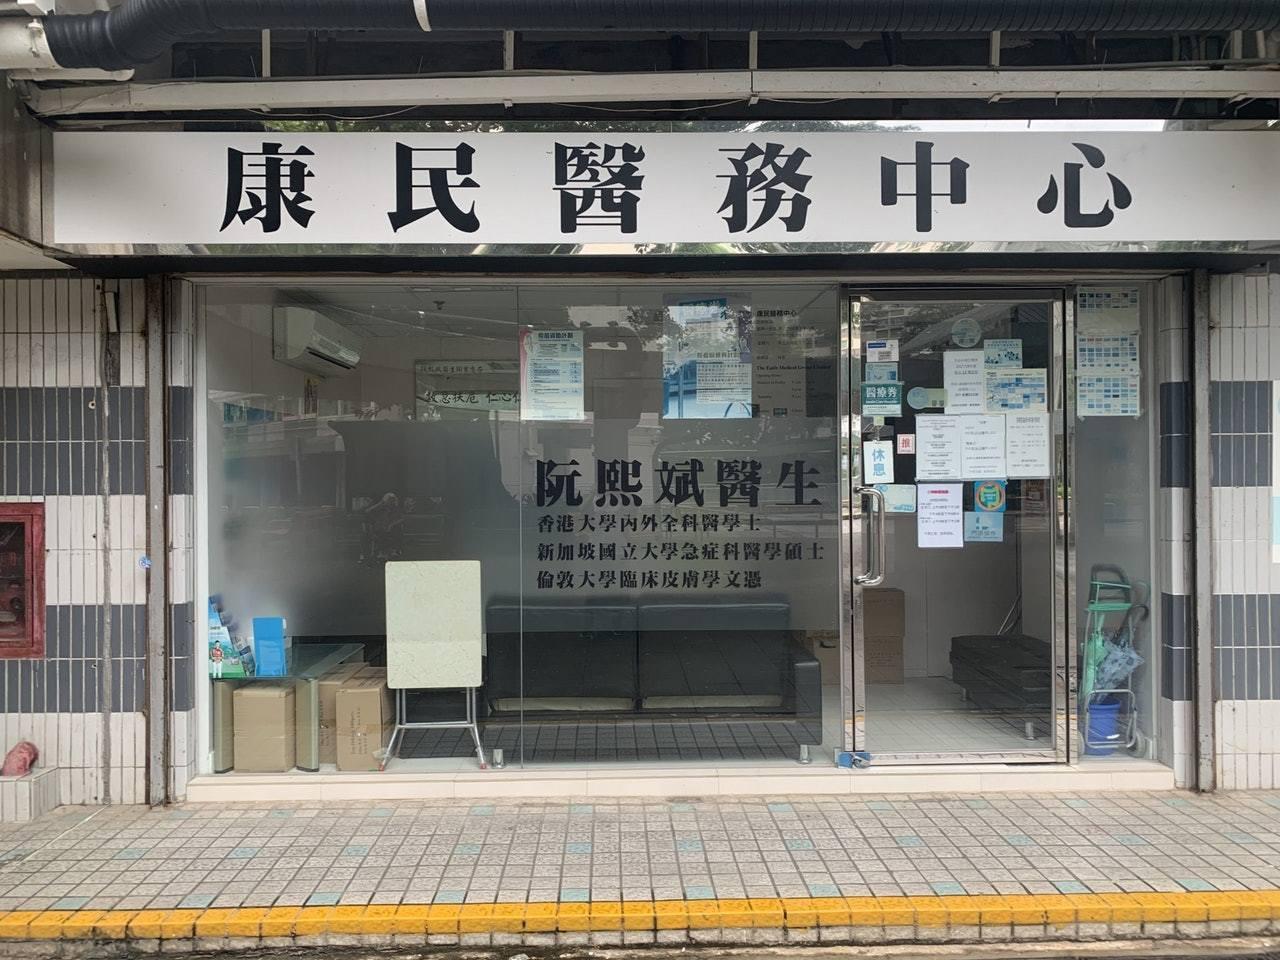 位於大窩口邨的康民醫務中心,未有列出樊潔玲的名字。 記者李慧妍/攝影